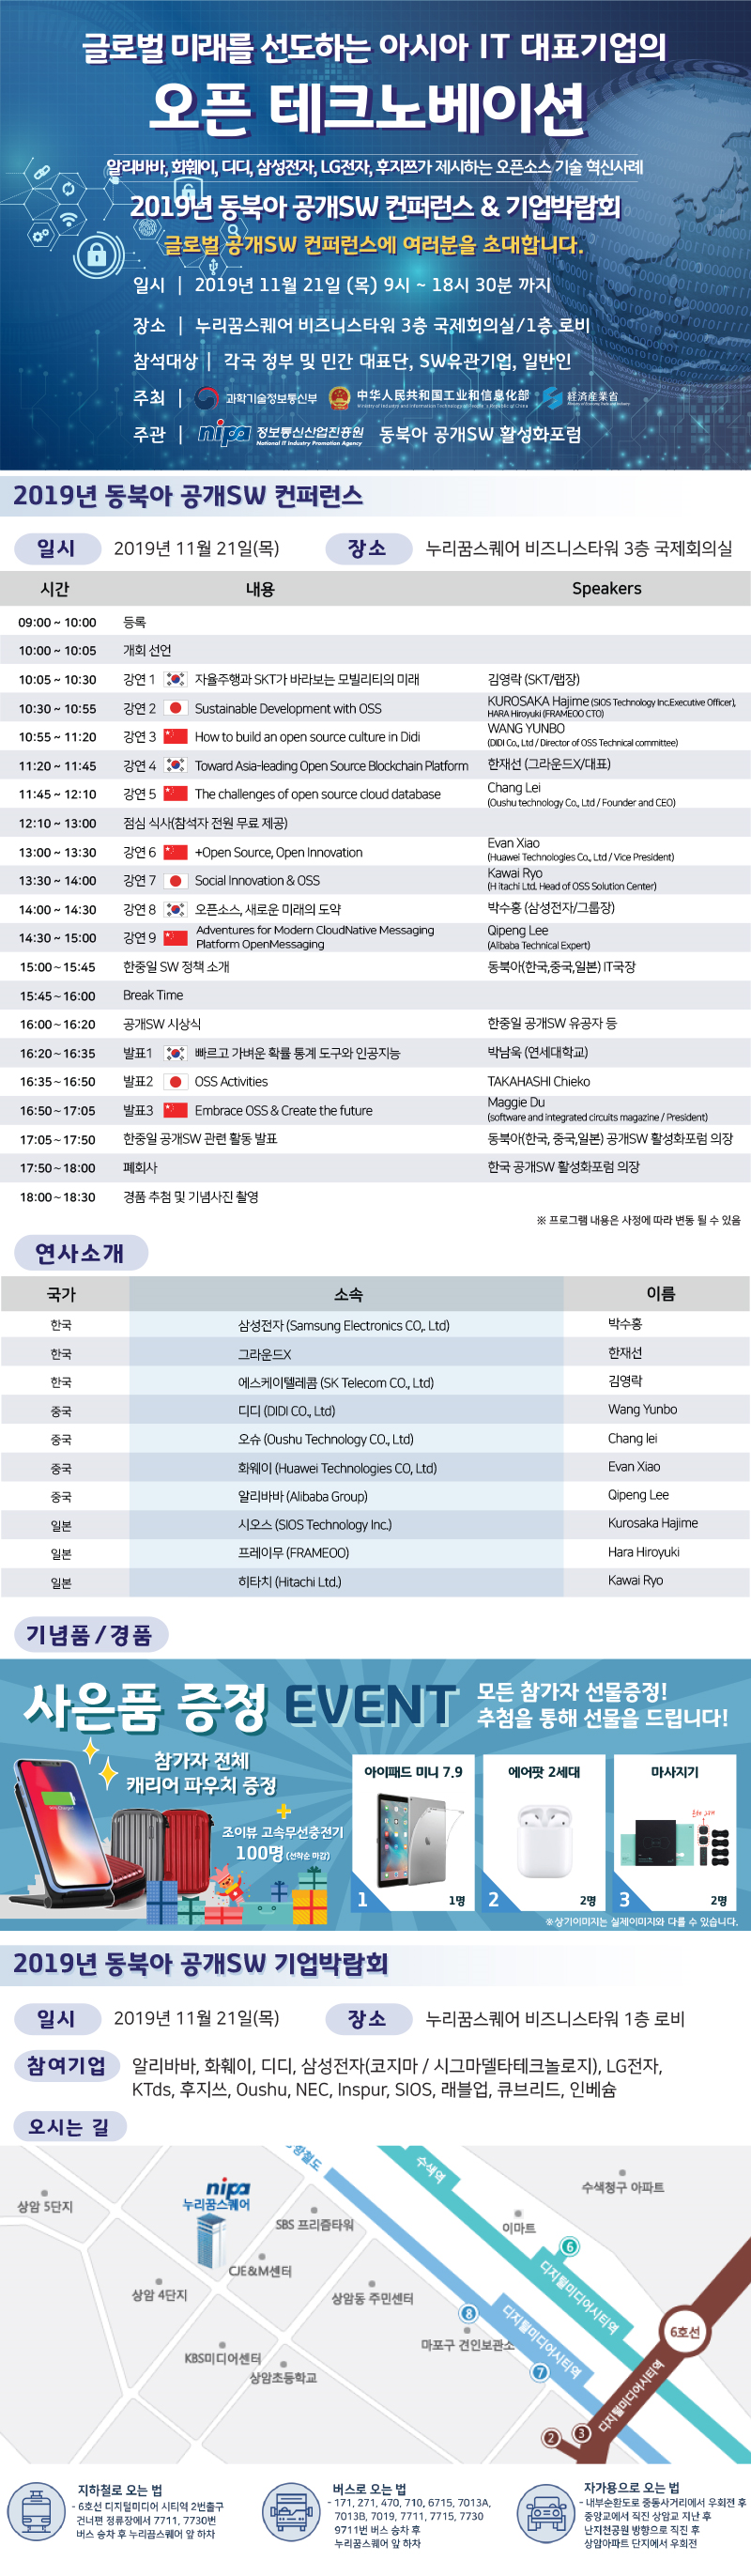 동북아공개SW컨퍼런스개최.png